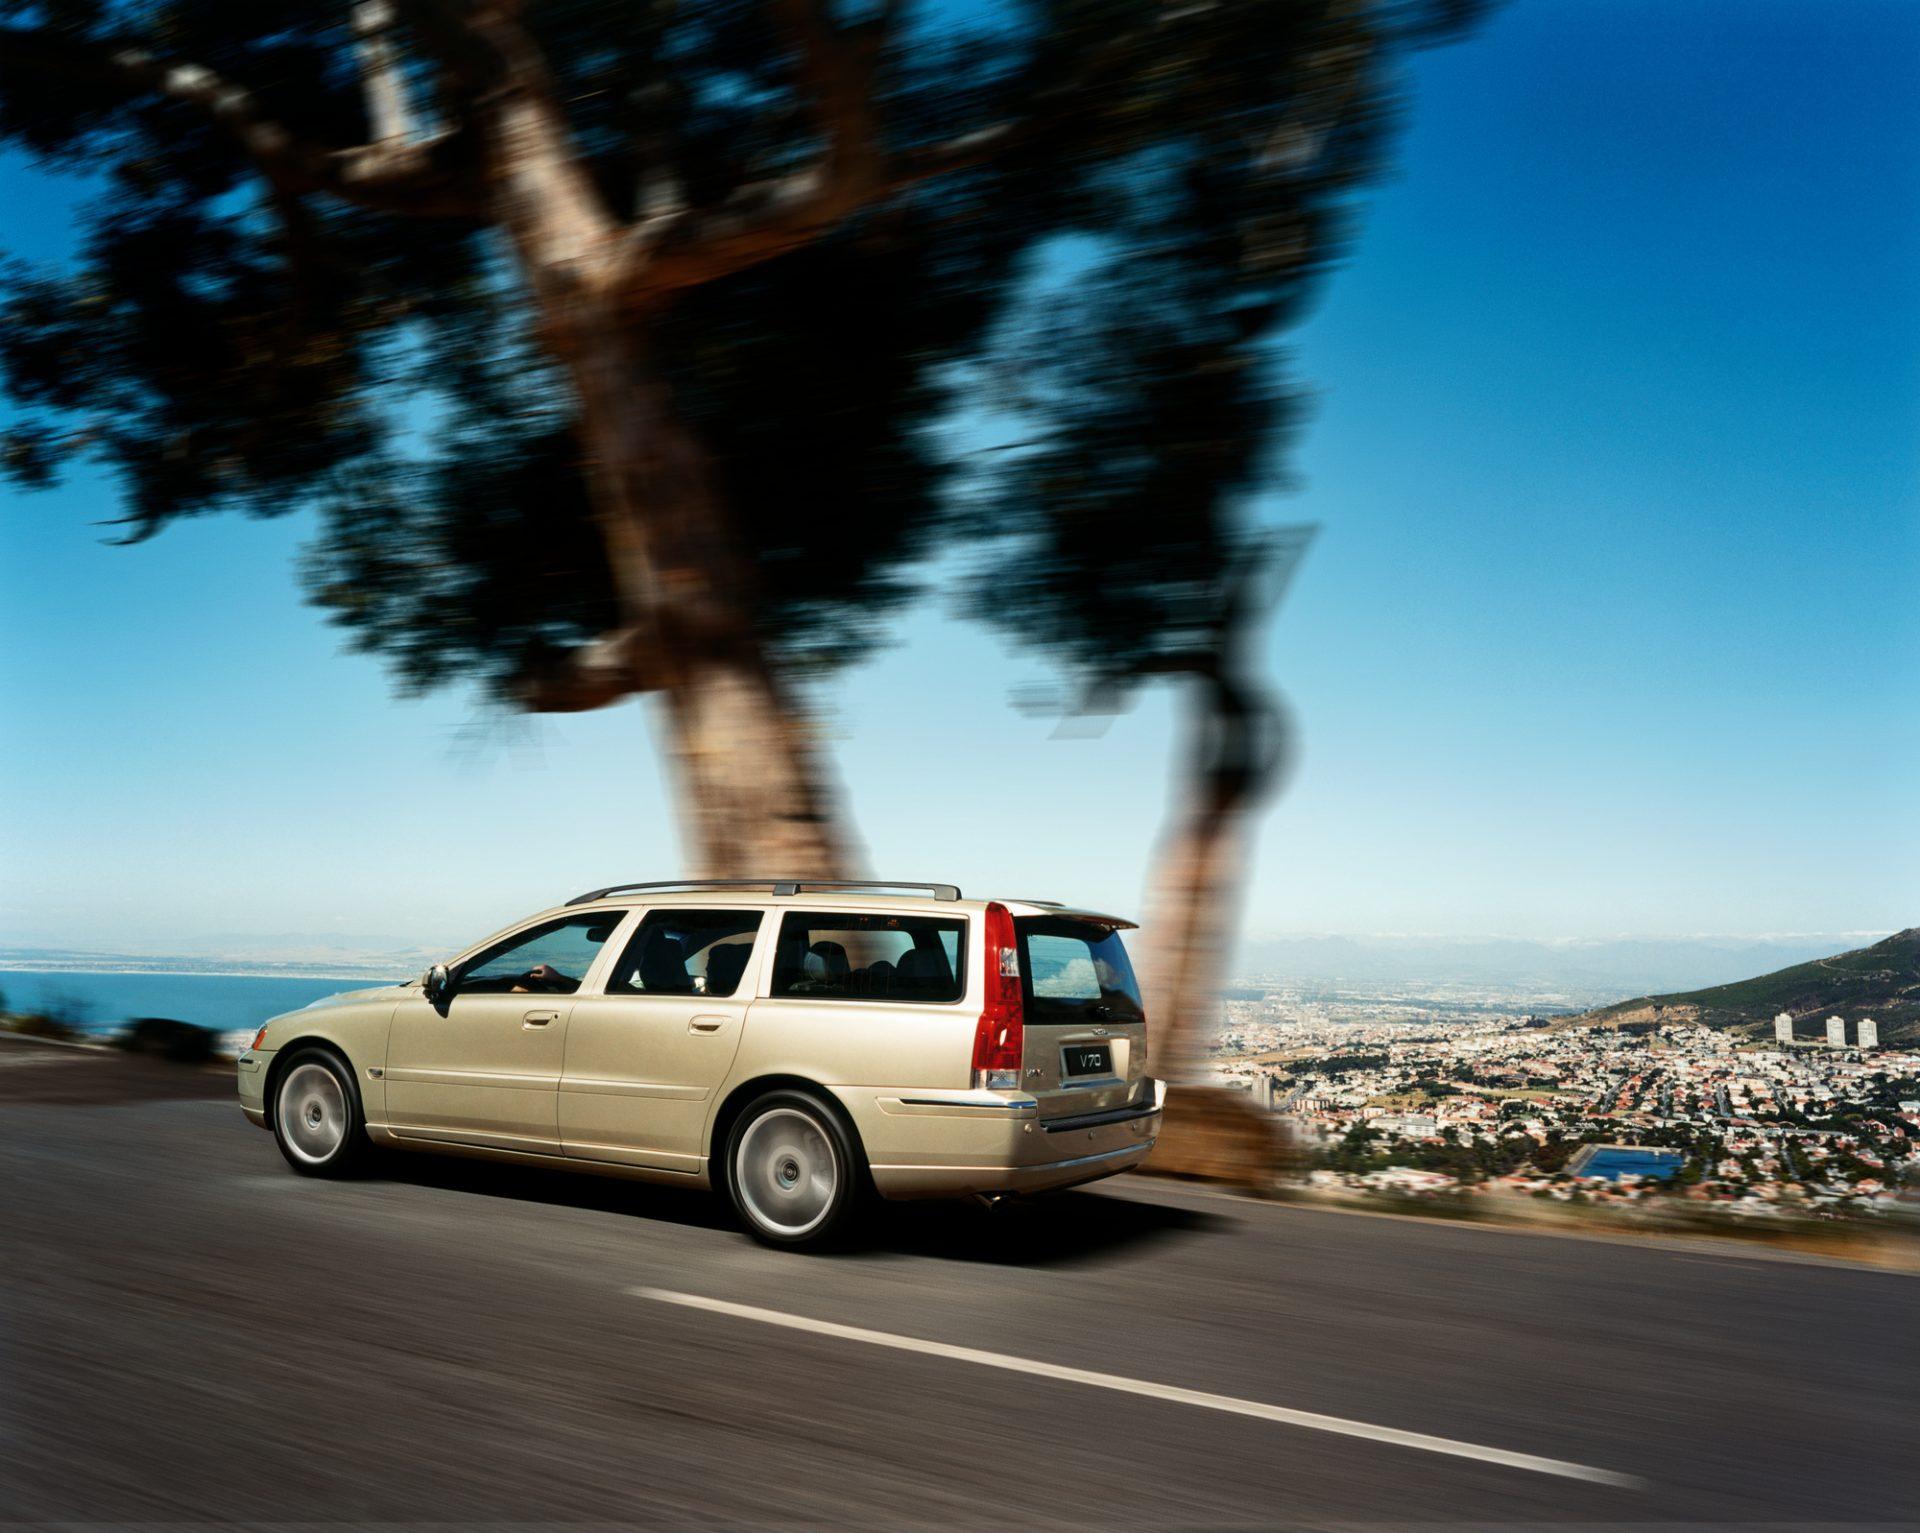 Volvo_V70_VCC_07951